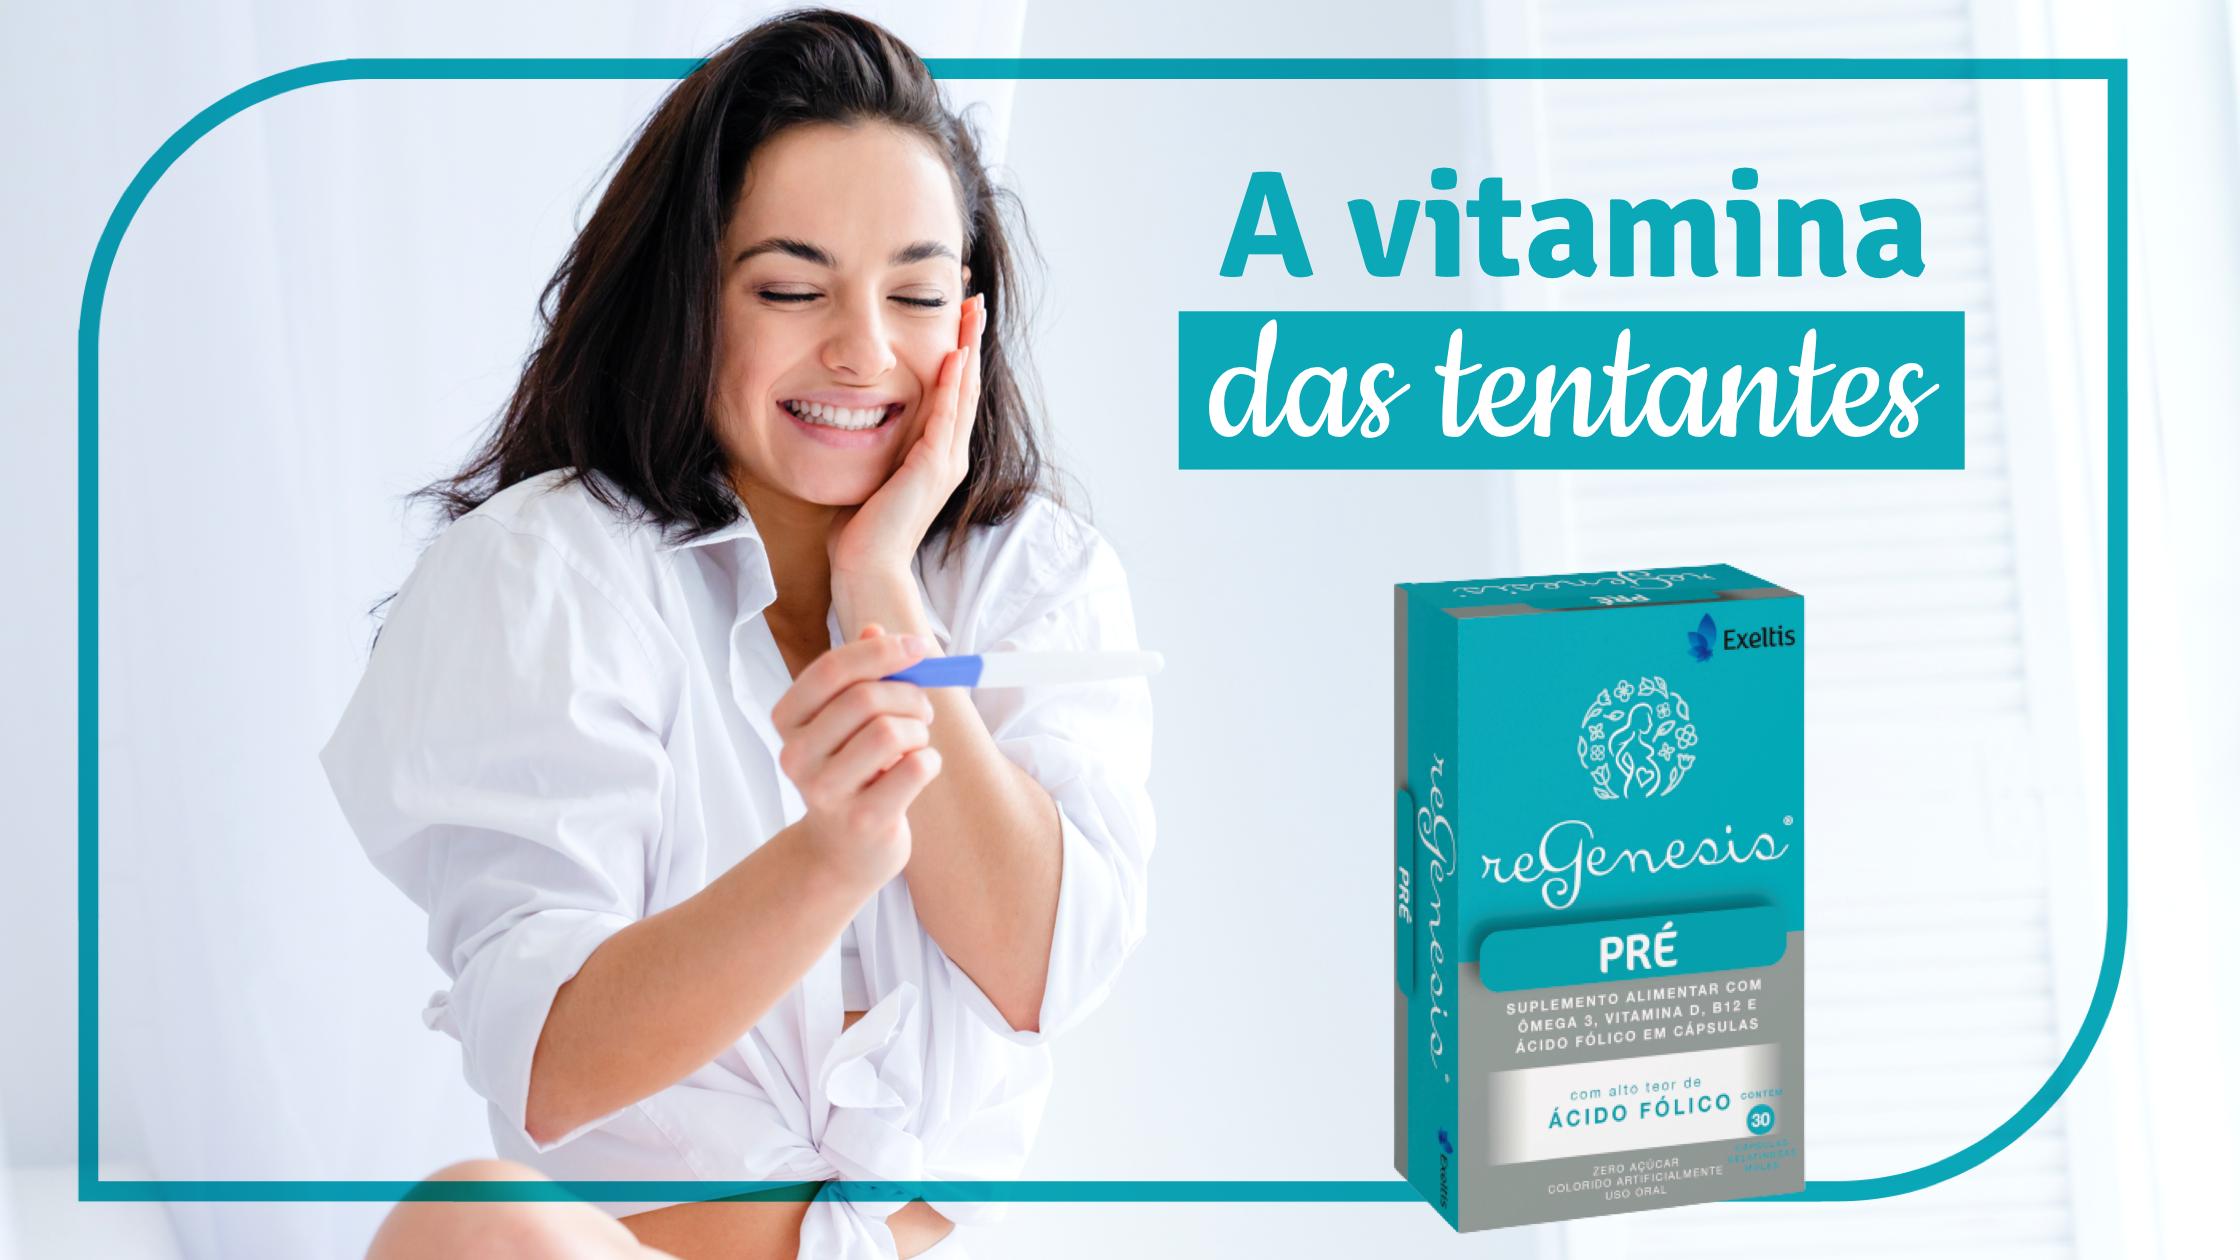 Banner Regenesis Pré - a vitamina das tentantes